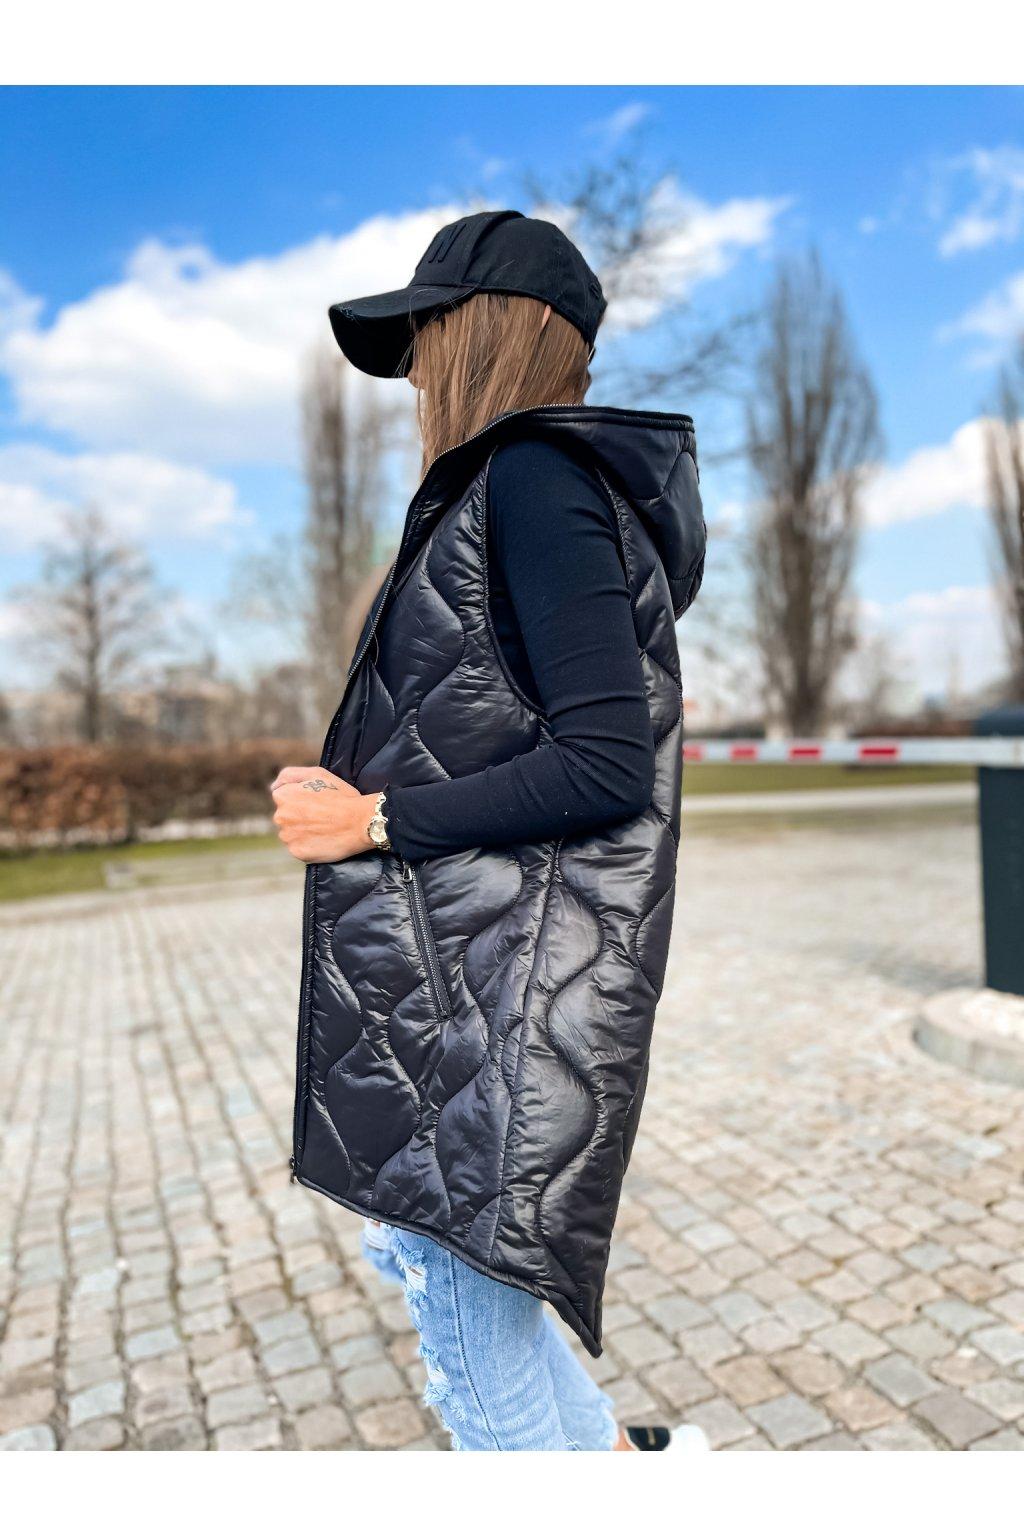 damska vesta nate black eshopat cz 1